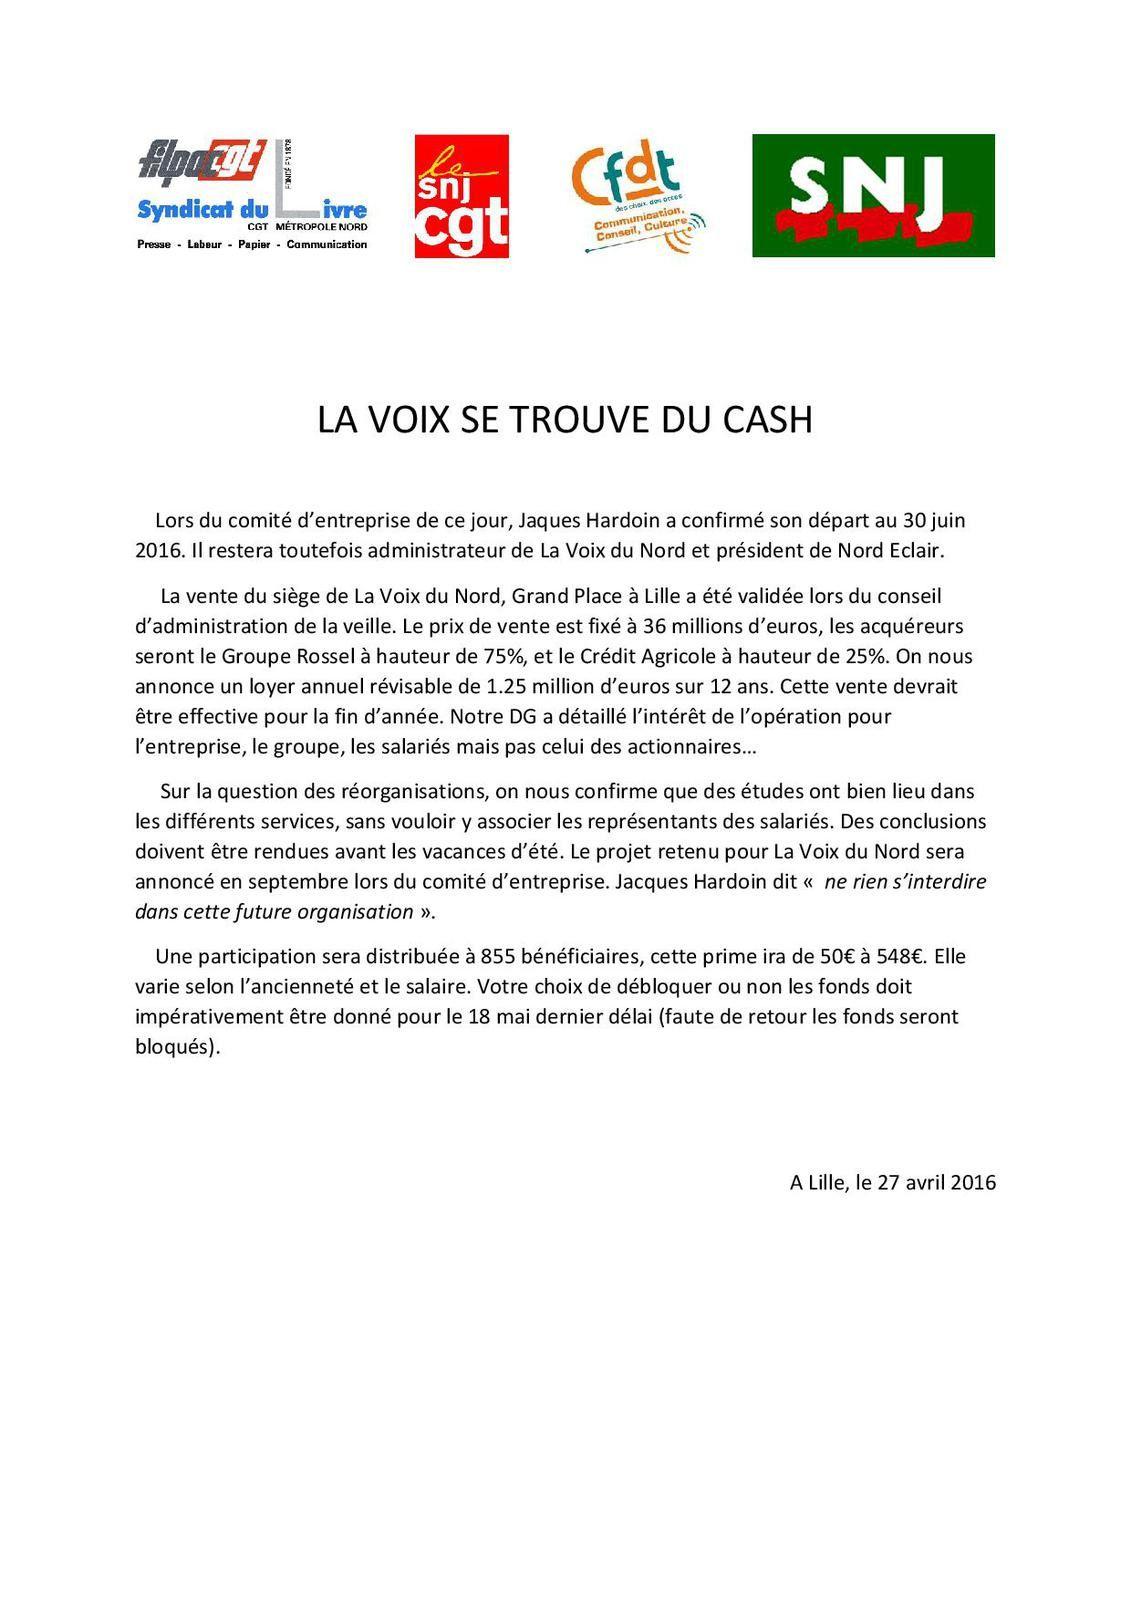 La Voix se trouve du cash (Intersyndicale VDN)